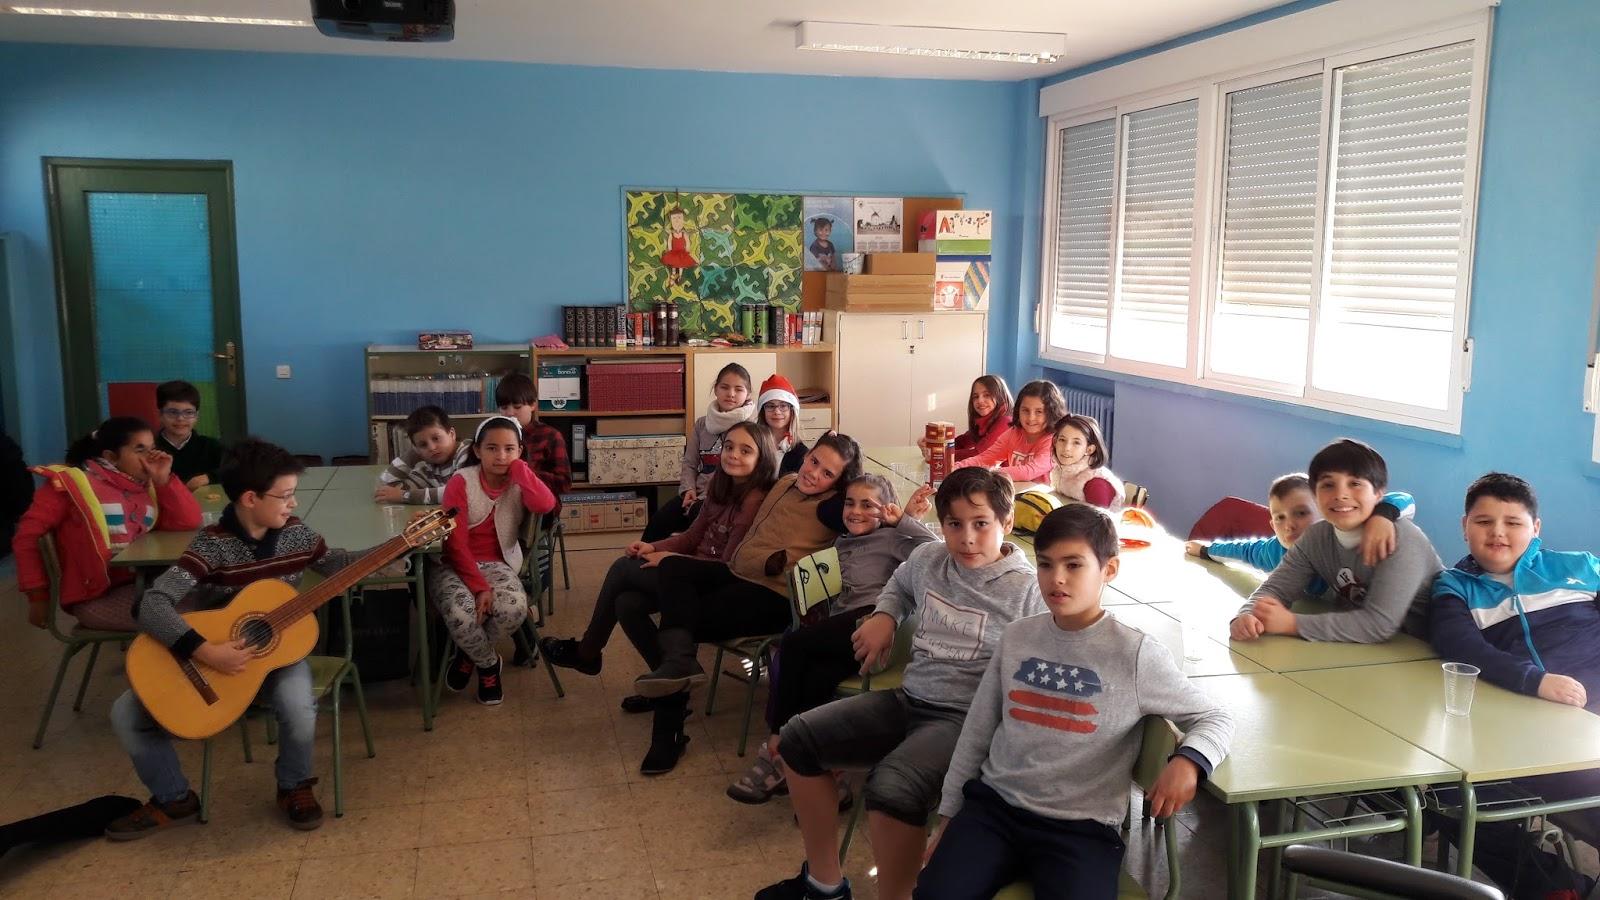 Danos tu palabra la navidad en nuestra clase for En nuestra clase